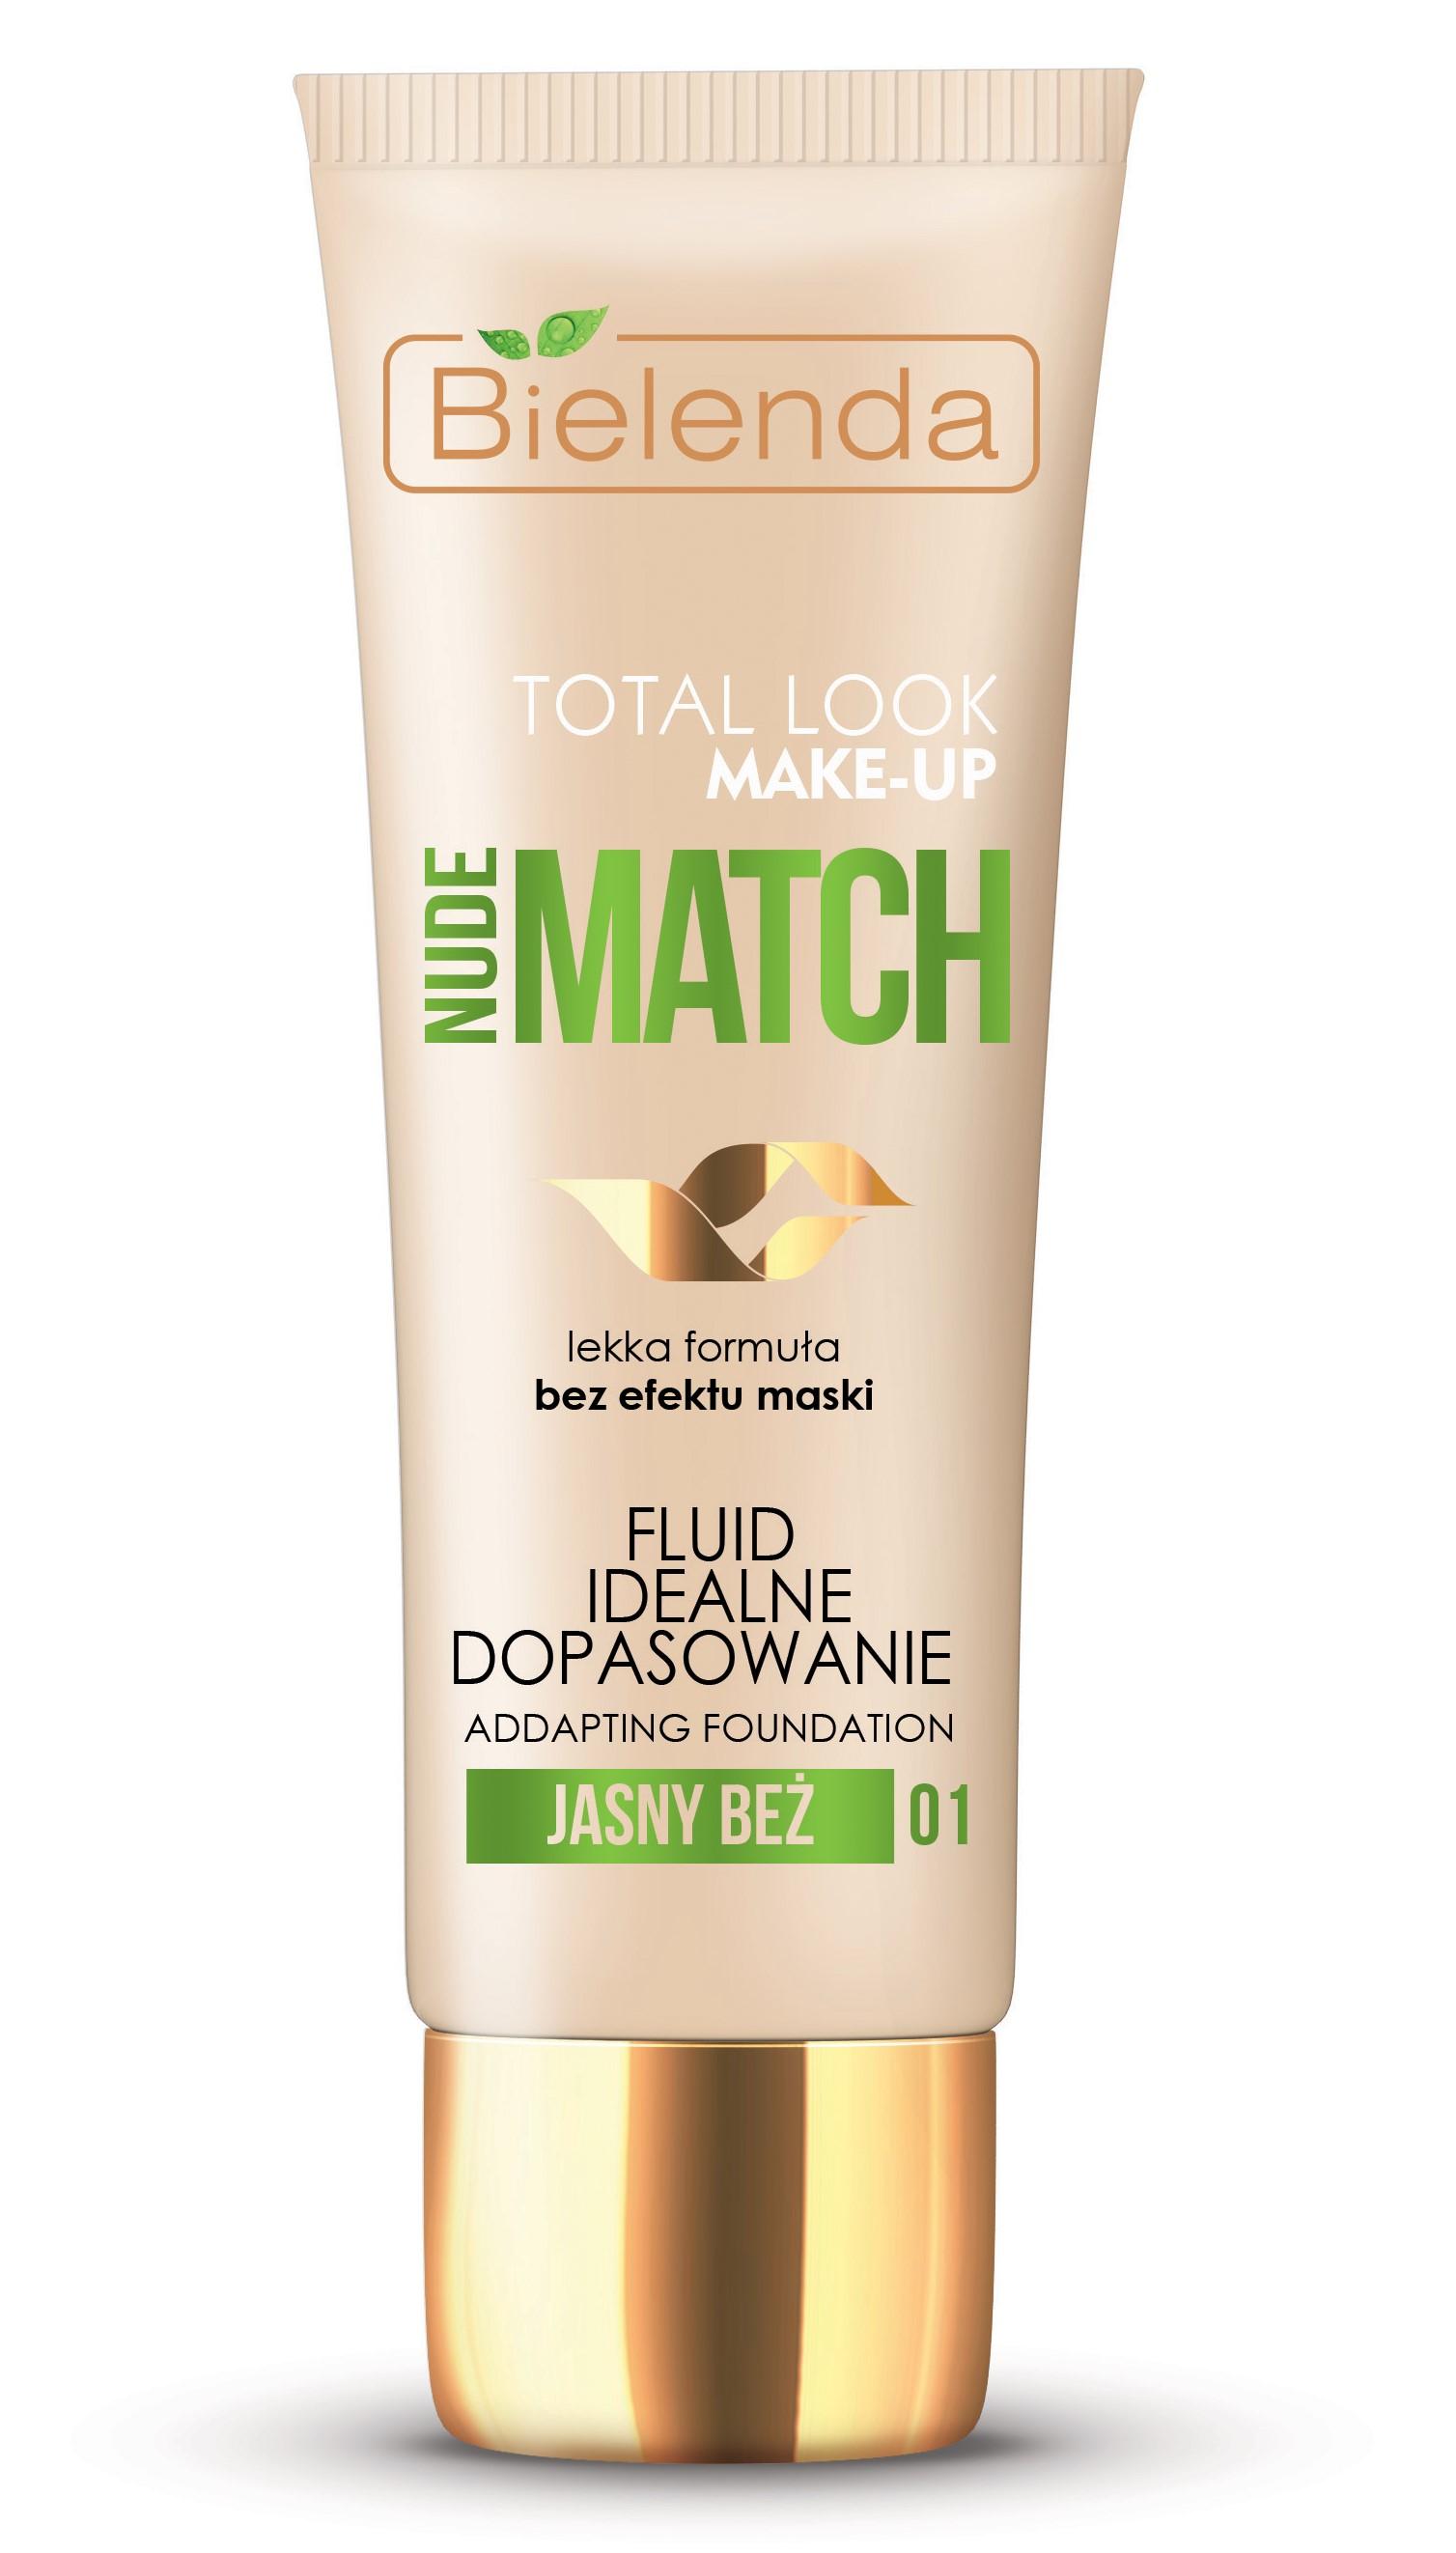 Тональный крем BIELENDA NUDE MATCH195377Крем отлично выравнивает тон и микрорельеф кожи, делает его более светлым, сияющим, ухоженным и гладким. Тональное средство хорошо подстраивается под тон кожи, благодаря чему выглядит очень естественно. Крем не утяжеляет кожу и не создает эффекта маски, обладает легкой, невесомой текстурой.